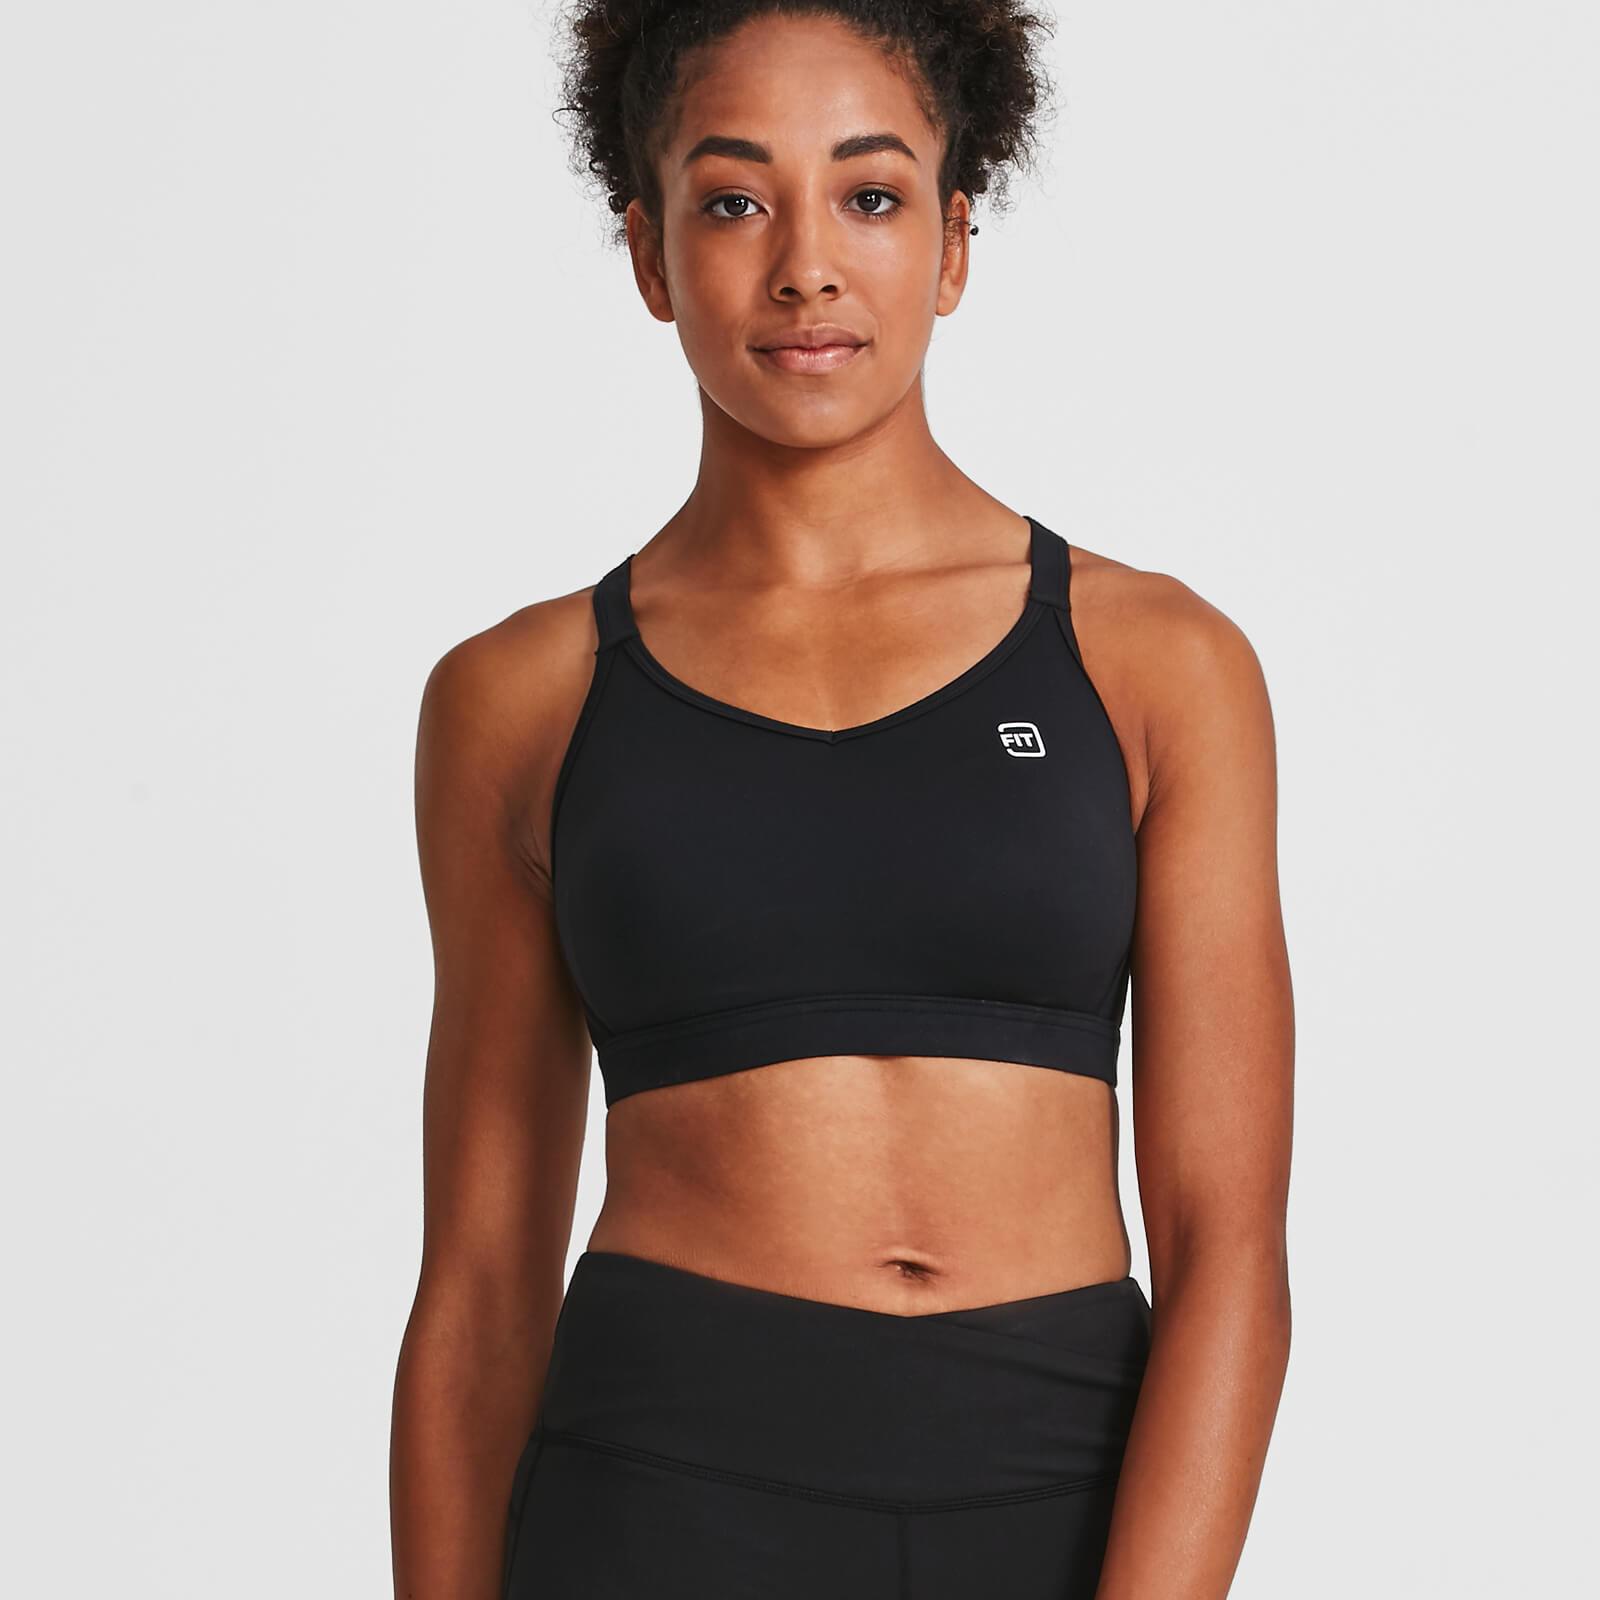 IdealFit Core Sports Bra - Black - XS - Black